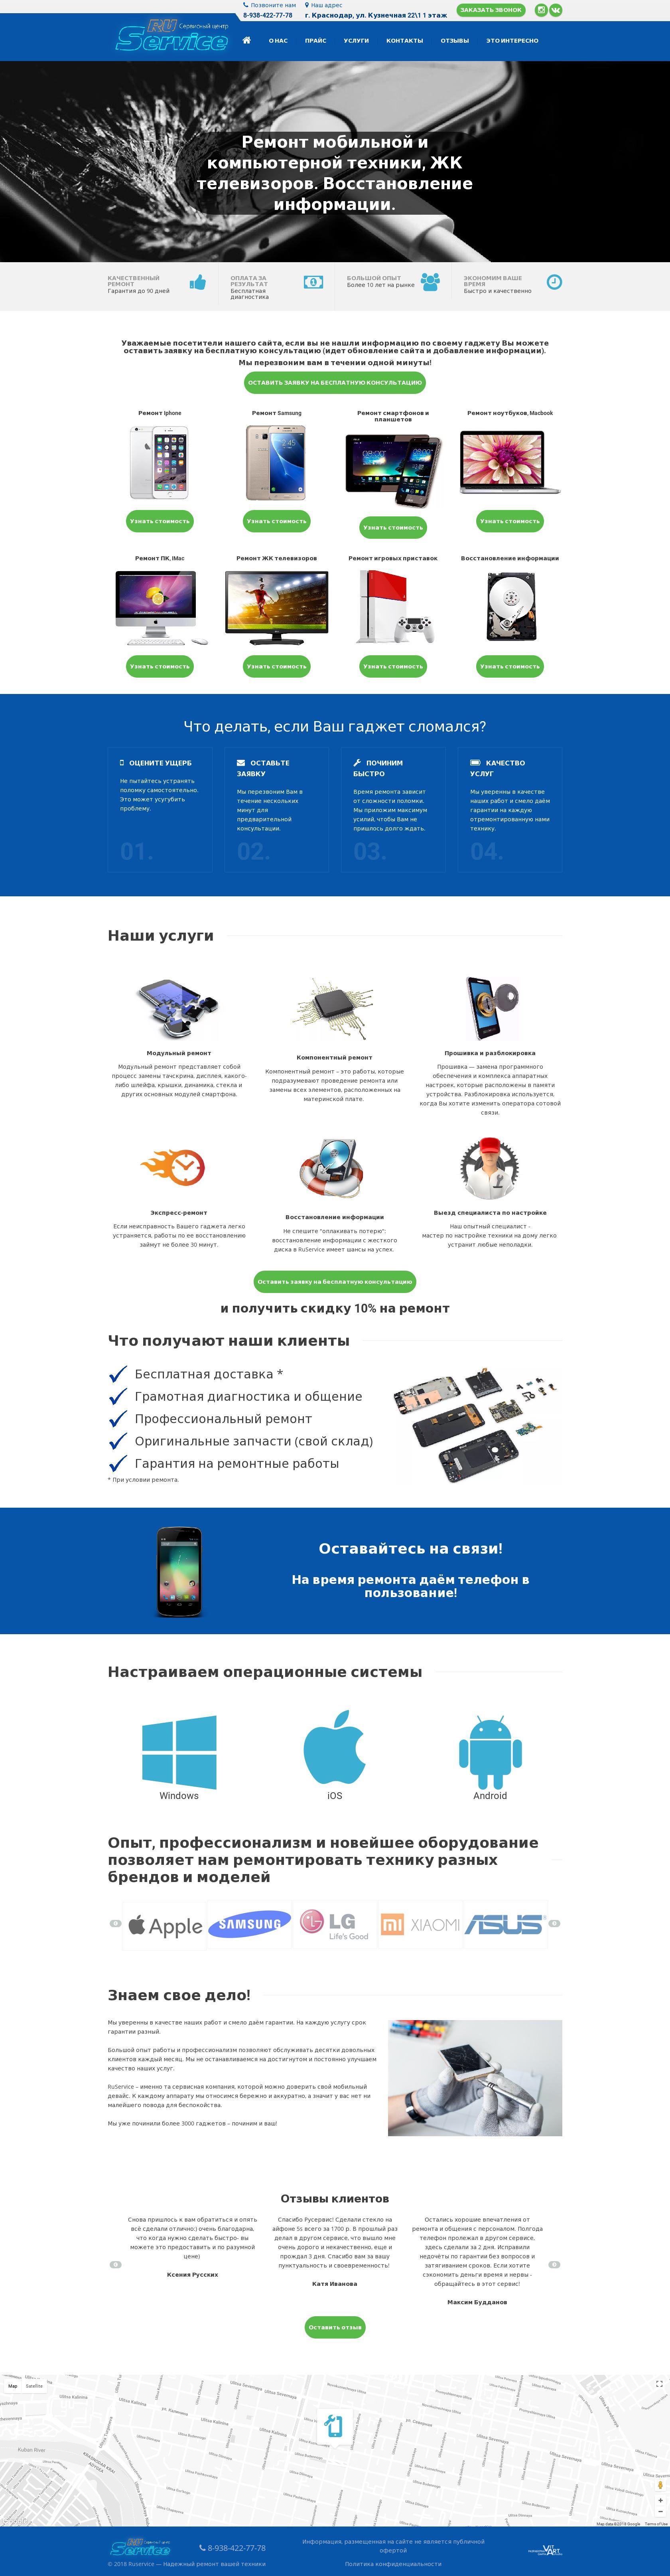 Разработка сайта по ремонту мобильной техники ruservice-krd.ru